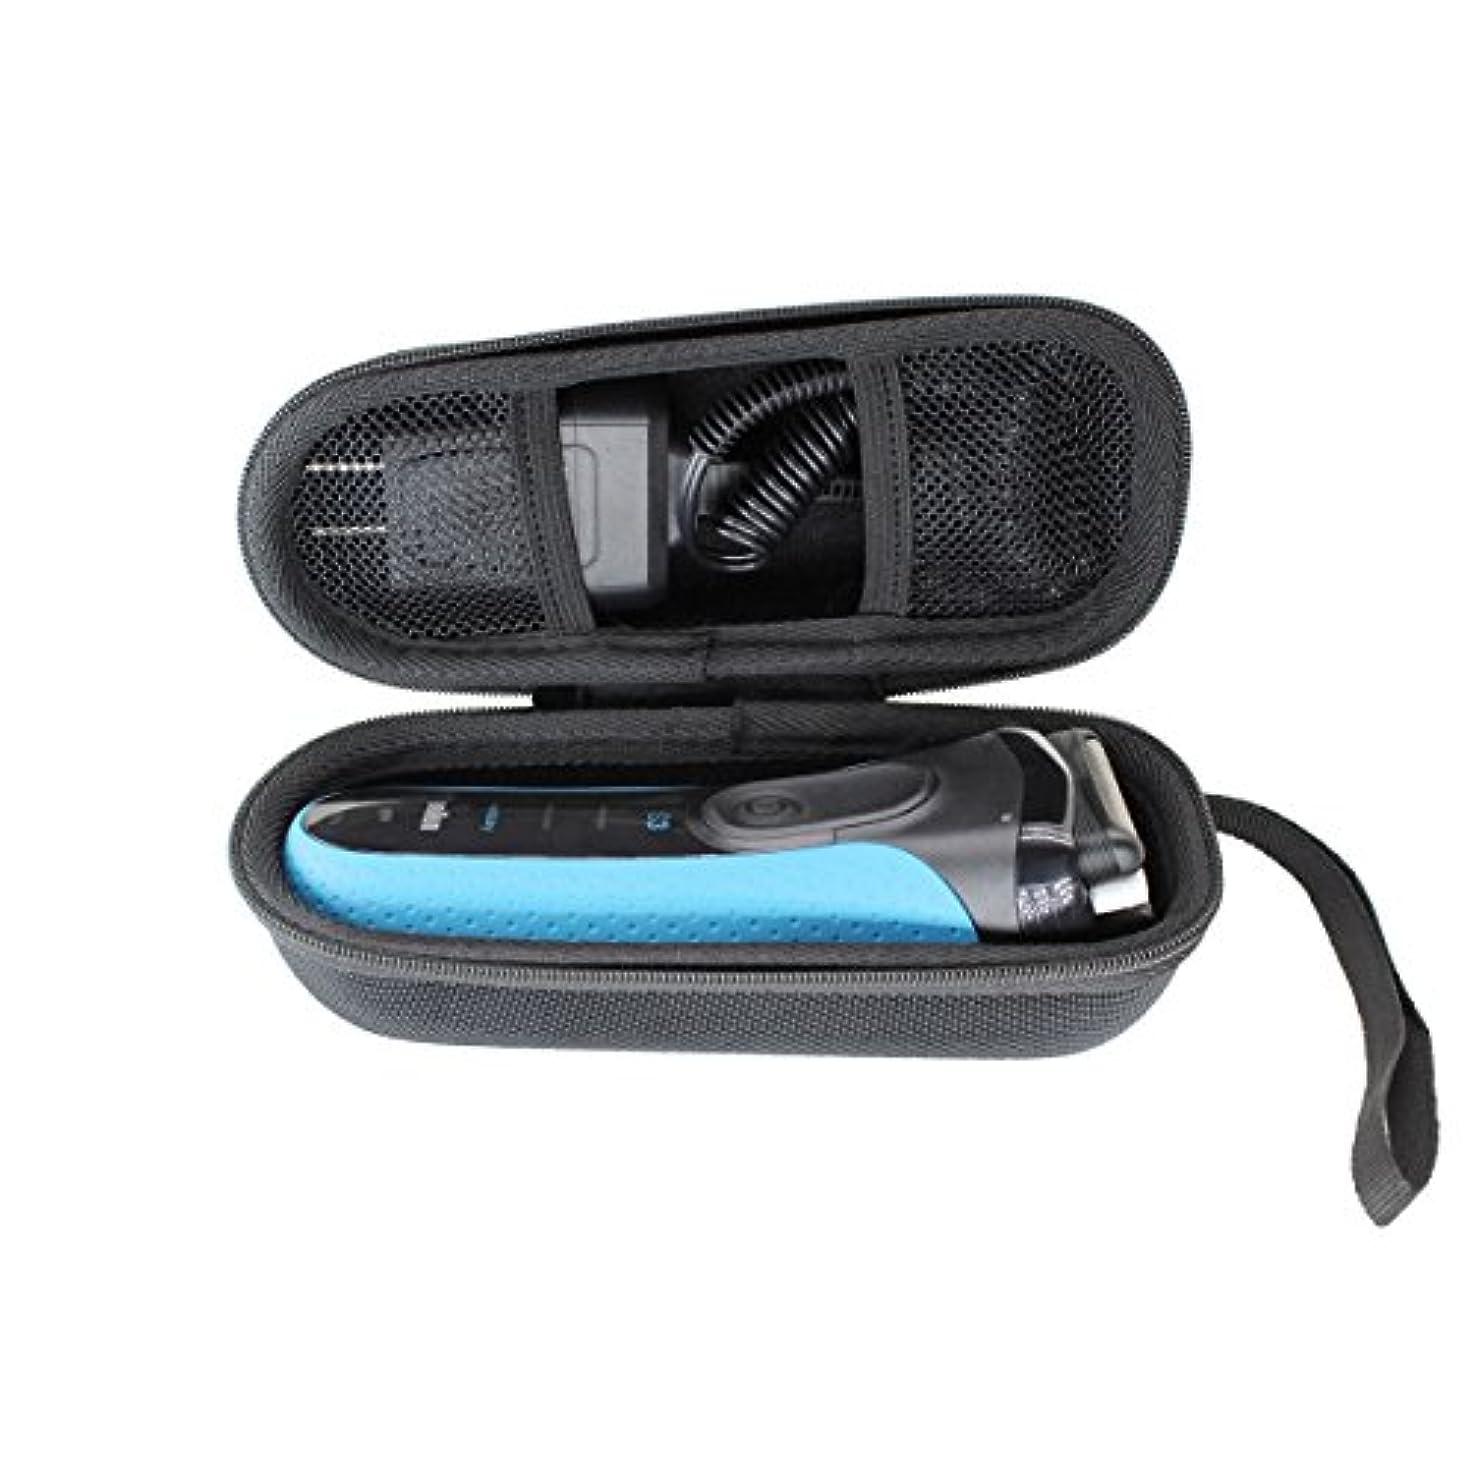 限界担保情報ハードポータブル旅行用ケースブラウン シリーズ3 メンズ電気シェーバー 3040s 3020s-VIVENS